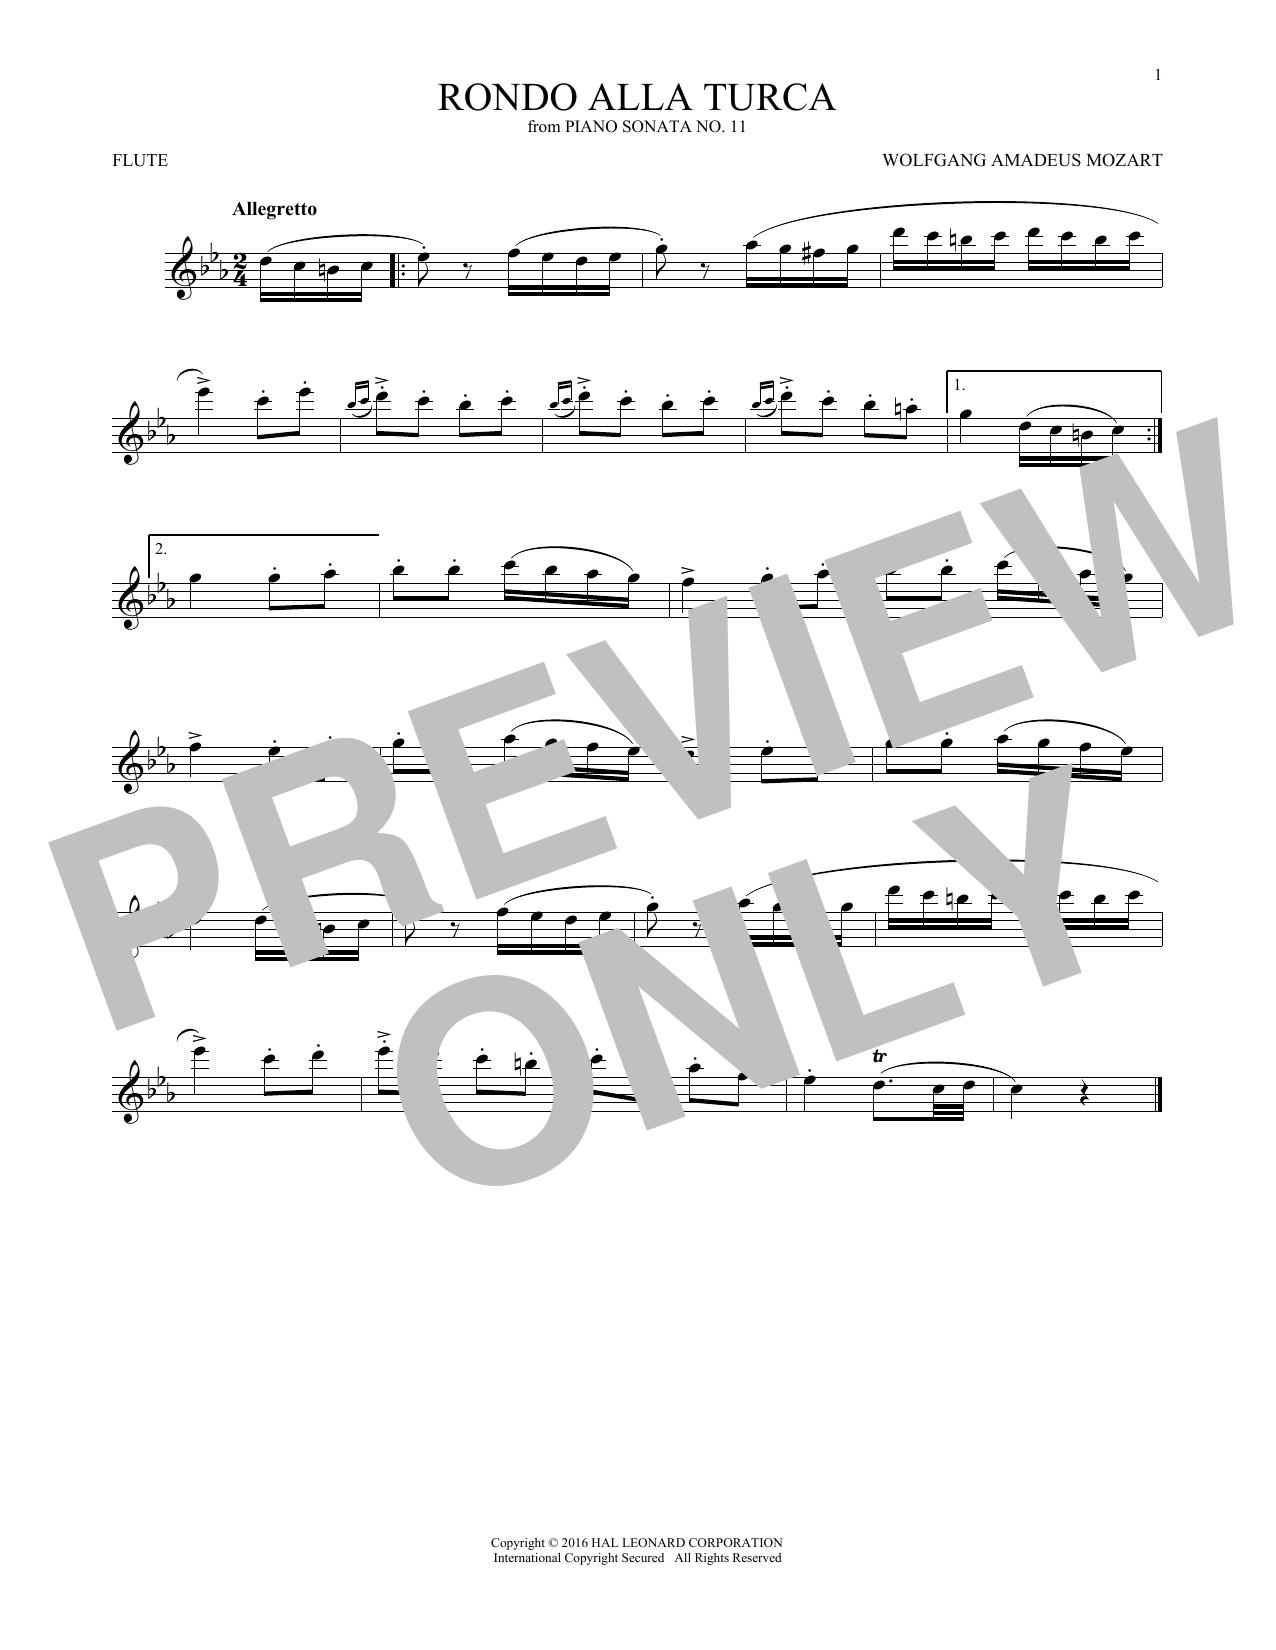 Alla Turca Mozart wolfgang amadeus mozart 'rondo alla turca' sheet music notes, chords |  download printable cello solo - sku: 193003